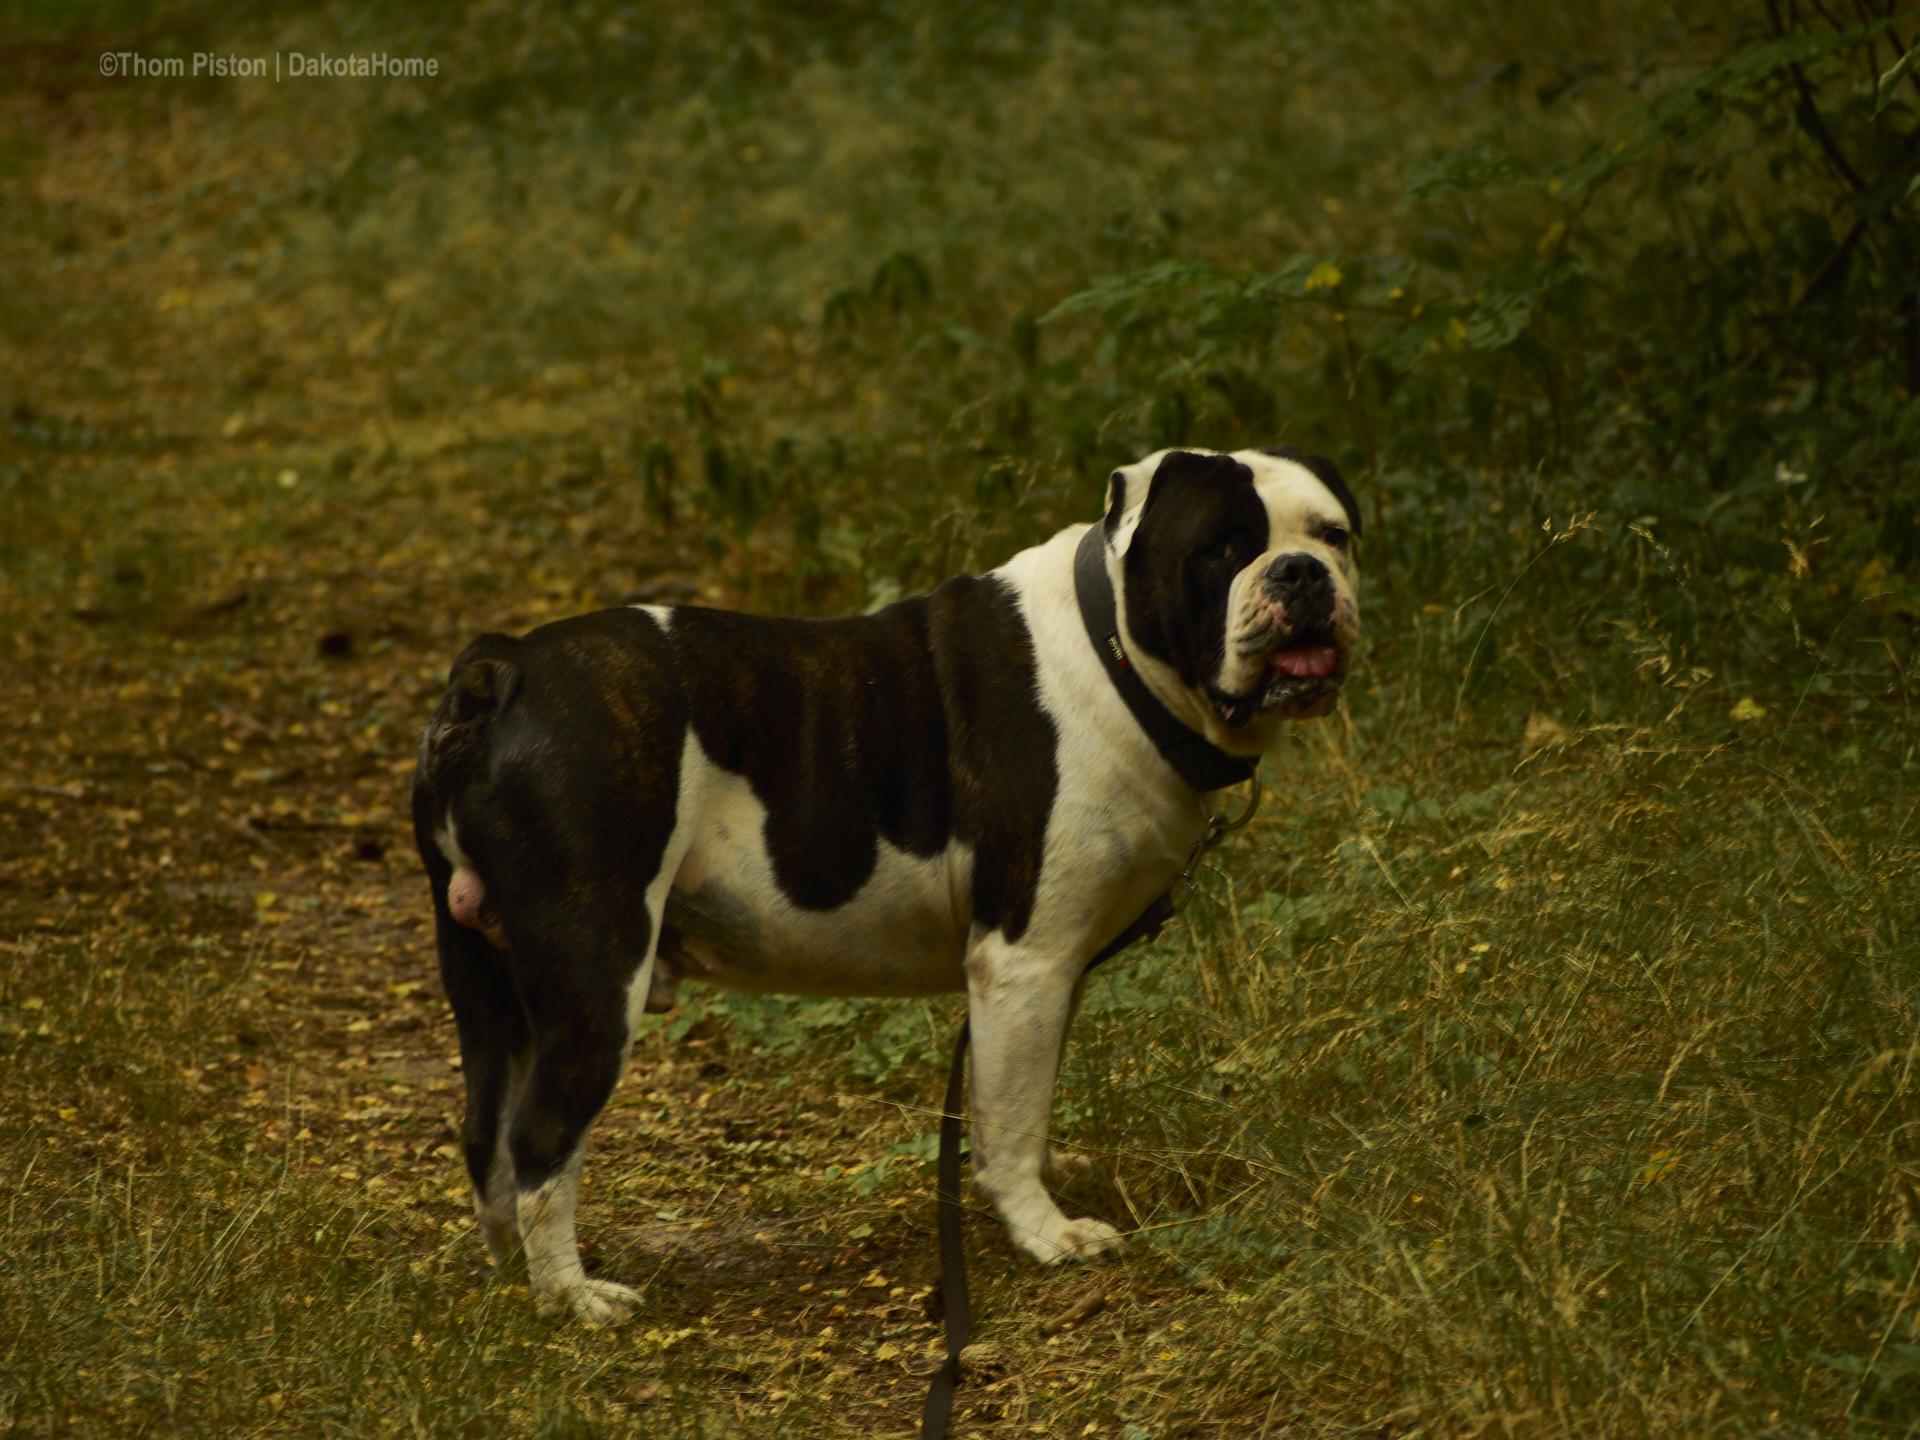 die Bulldogge freut sich endlich wieder etwas auslauf zu haben daher es mal nicht 30 grad sind..